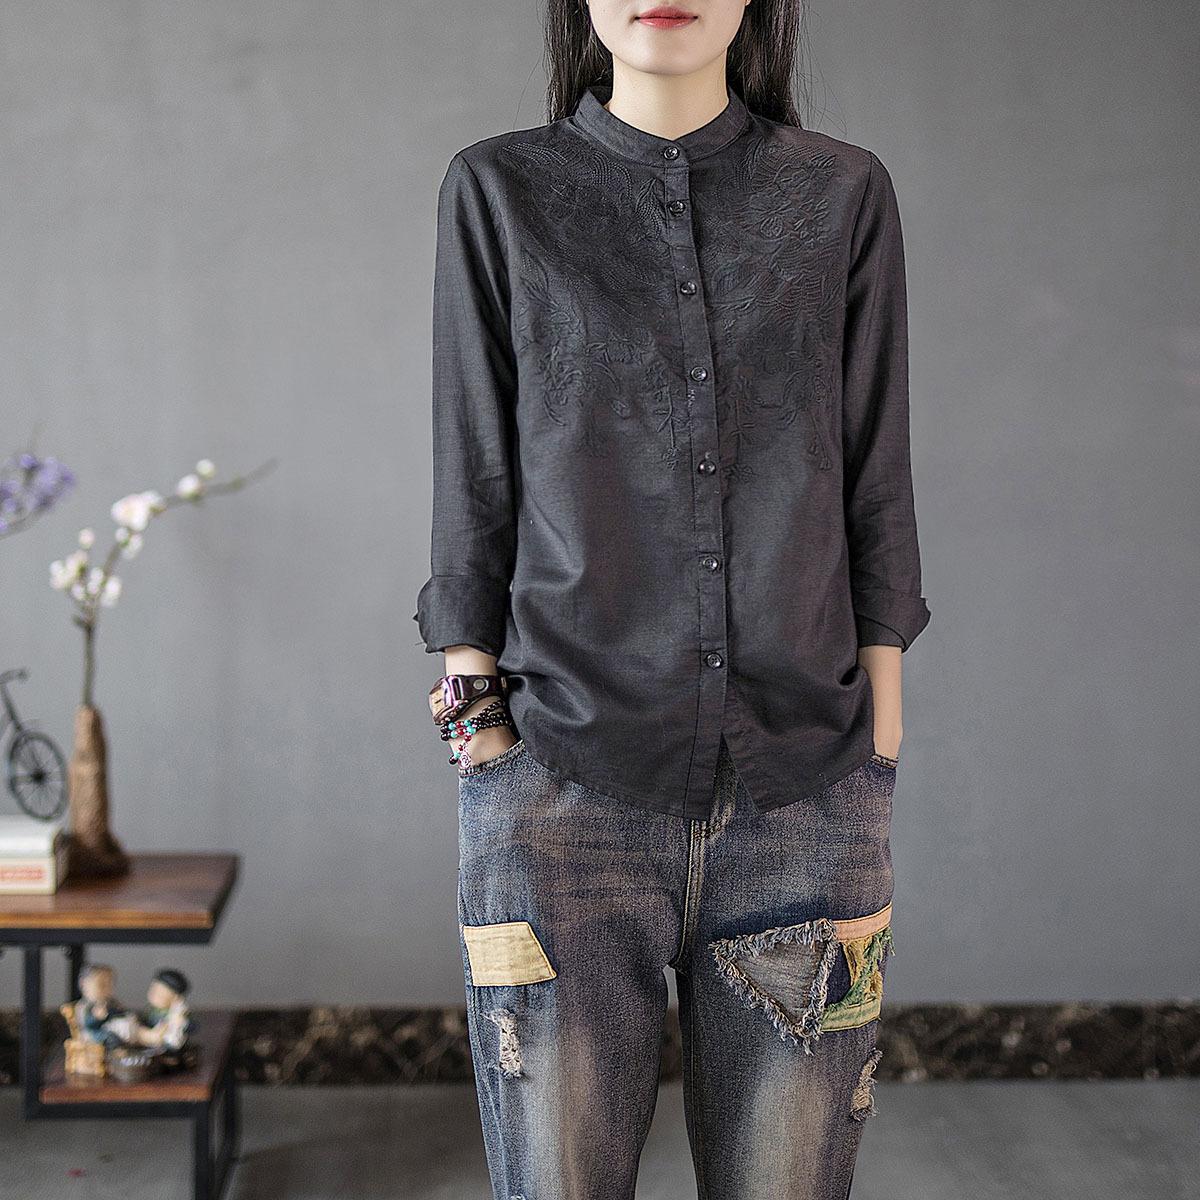 原创文艺复古棉麻衬衣女重工刺绣立领衬衫秋冬季新款打底衬衫上衣